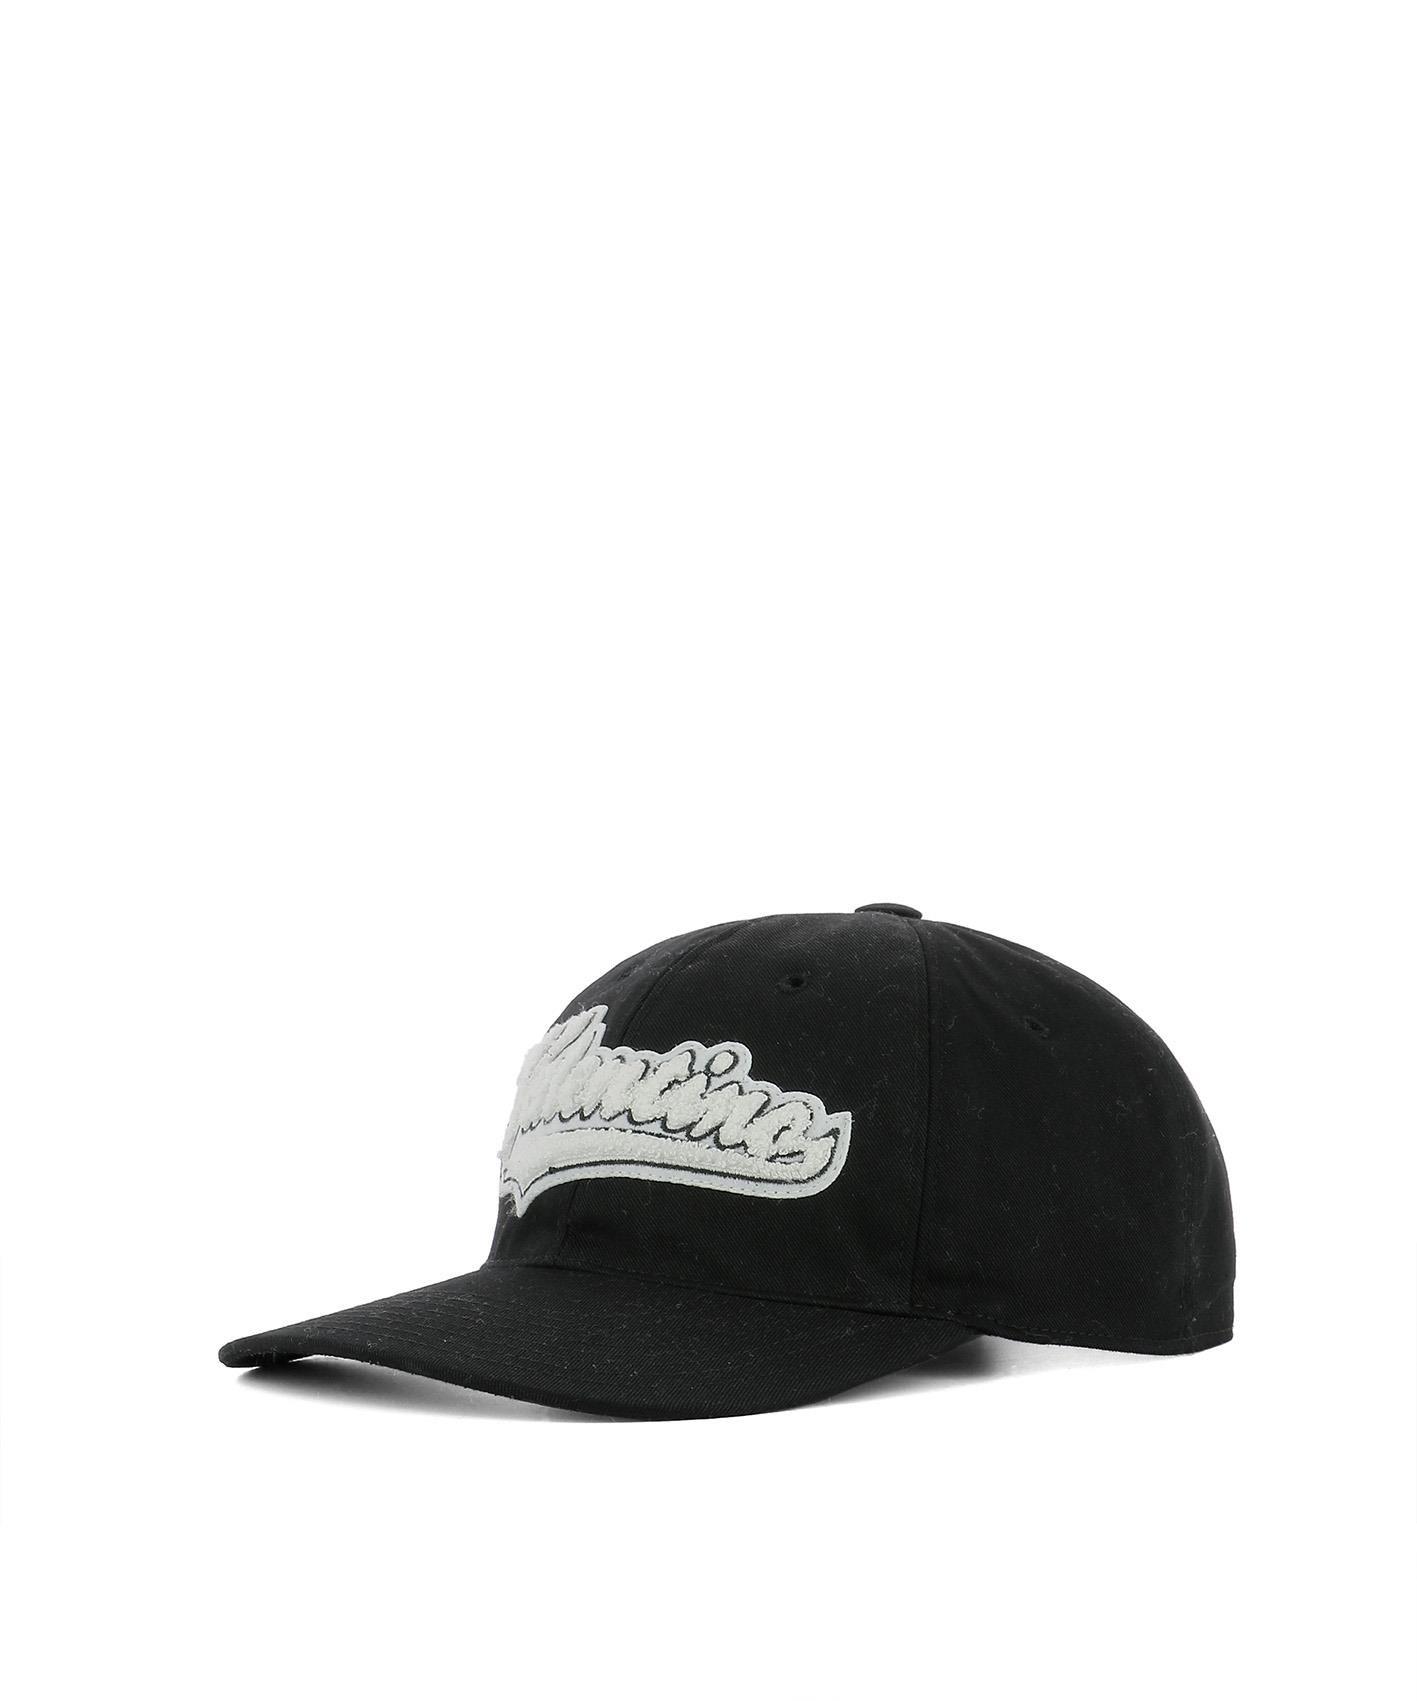 Valentino Men's Py0h0a03esua01 Black Cotton Hat